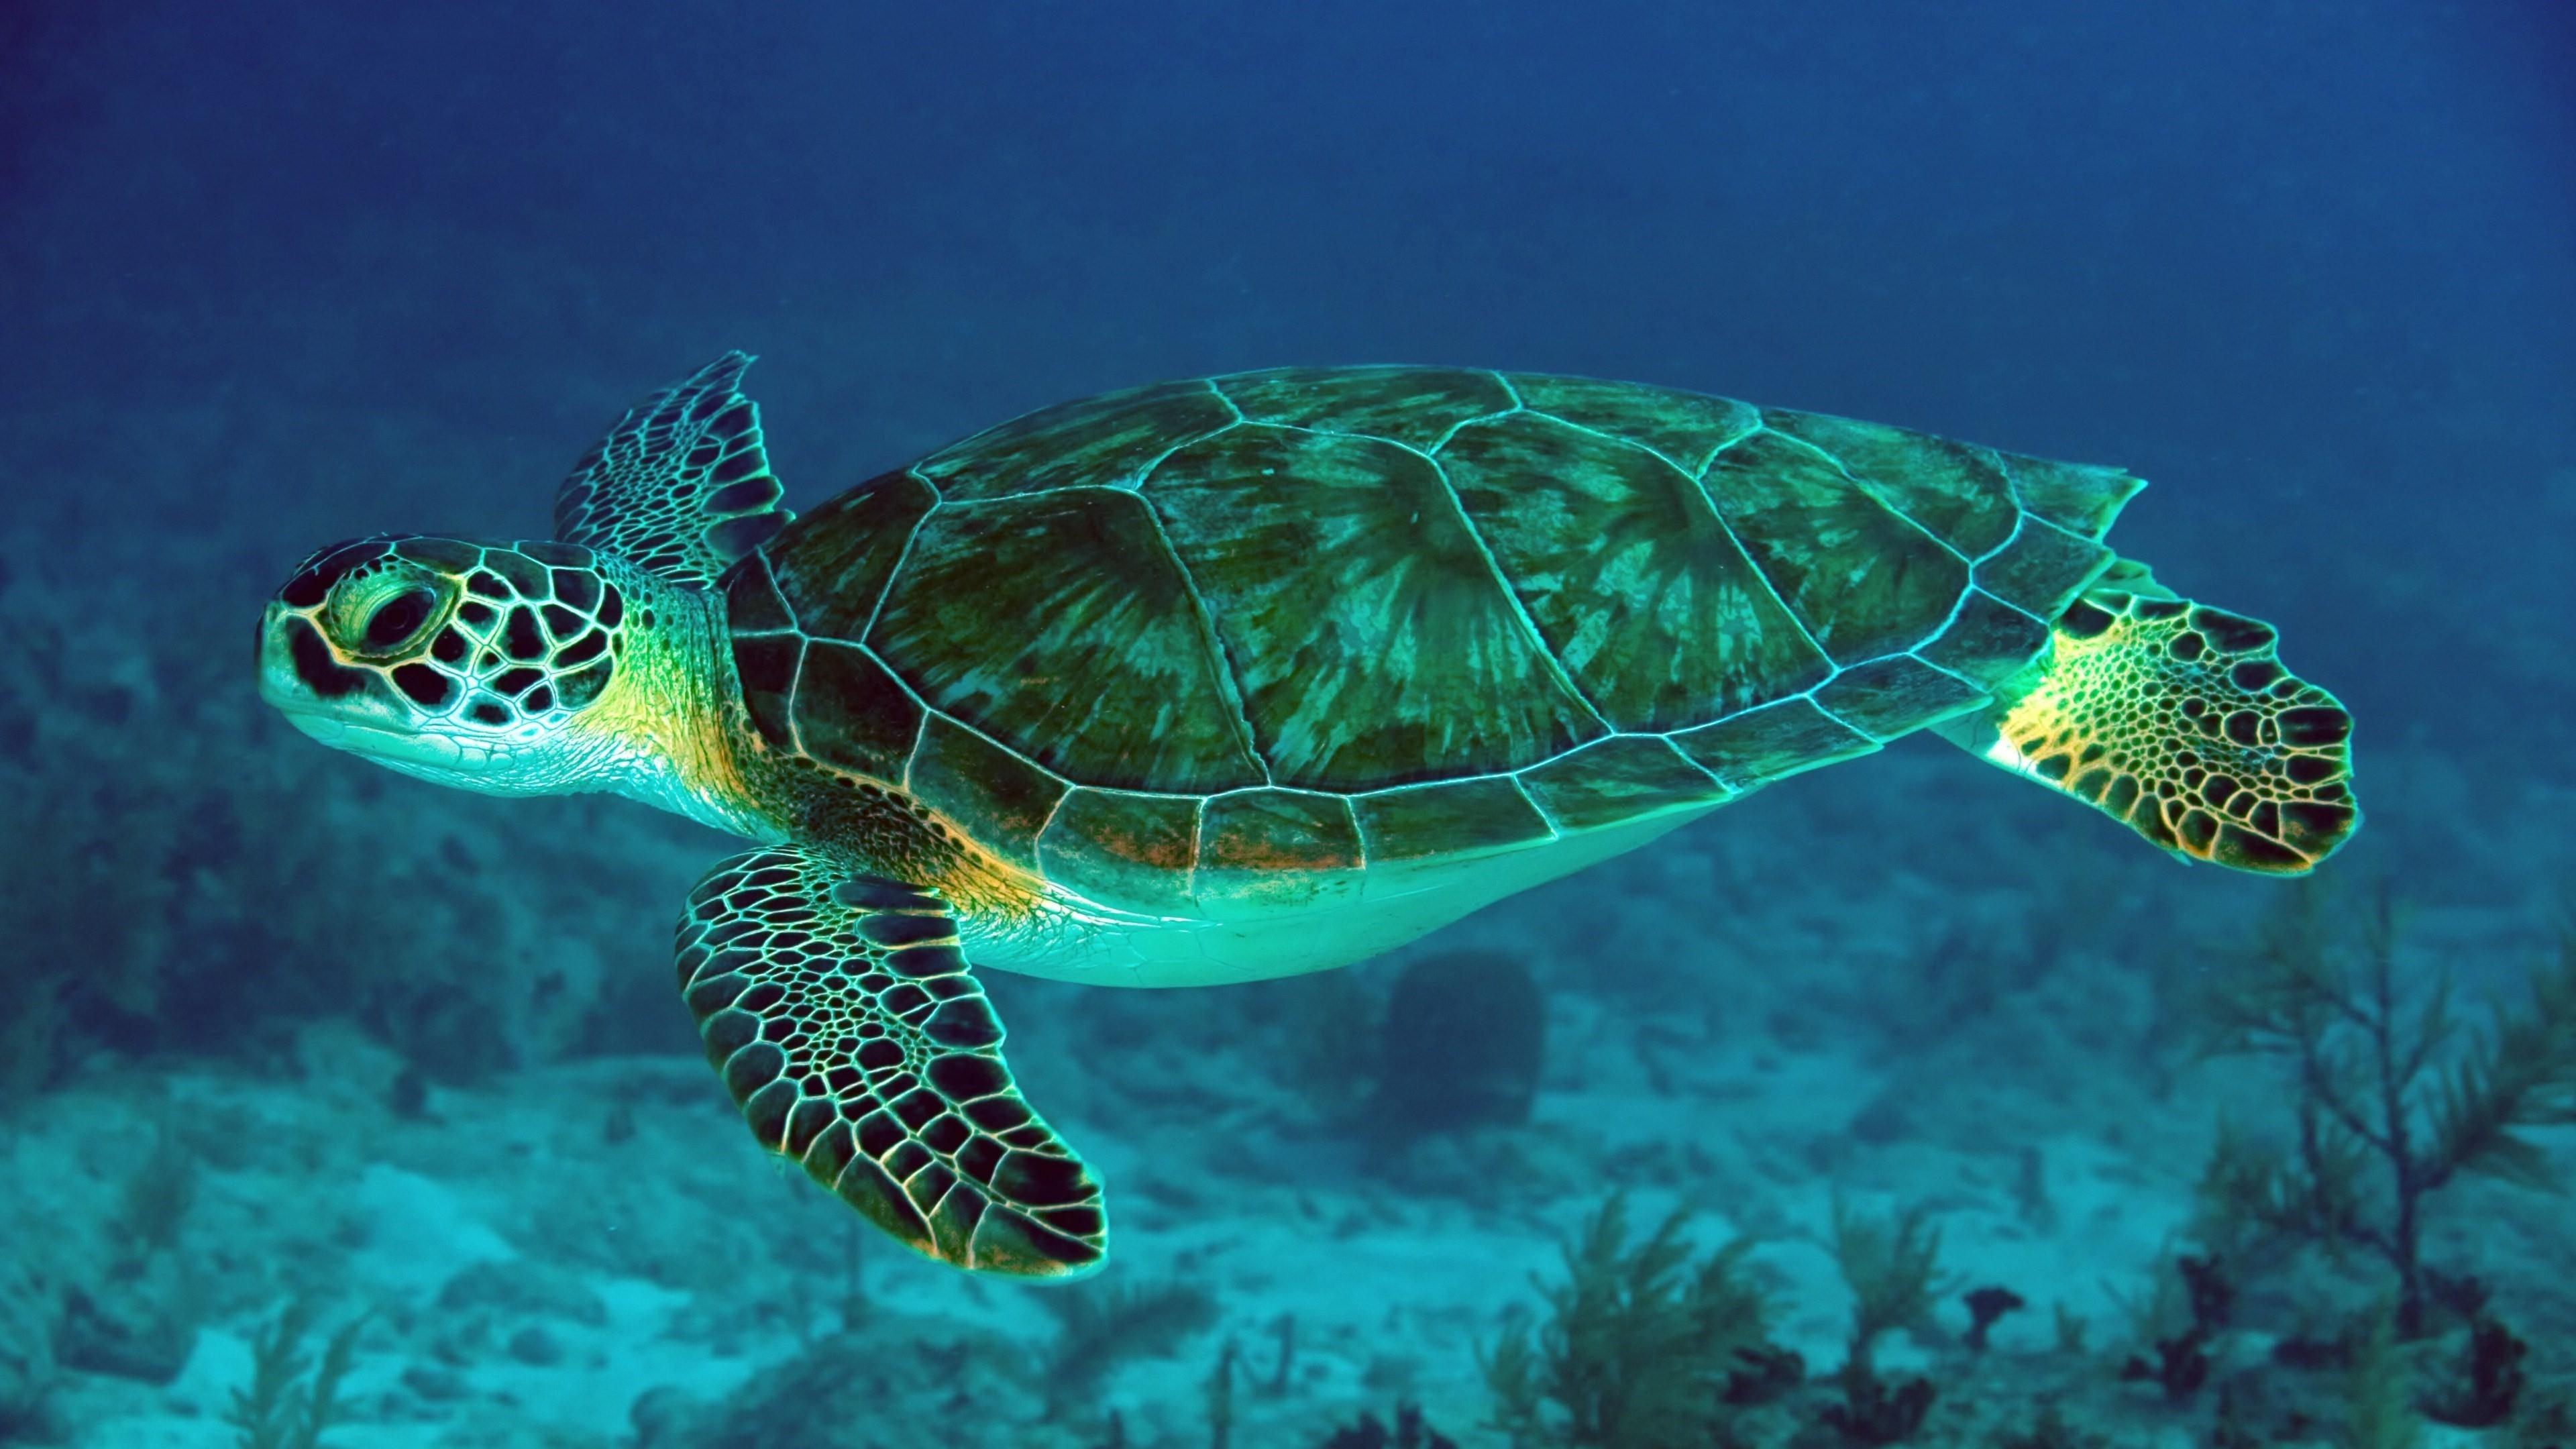 sea turtle - underwater photography wallpaper | wallpaper studio 10